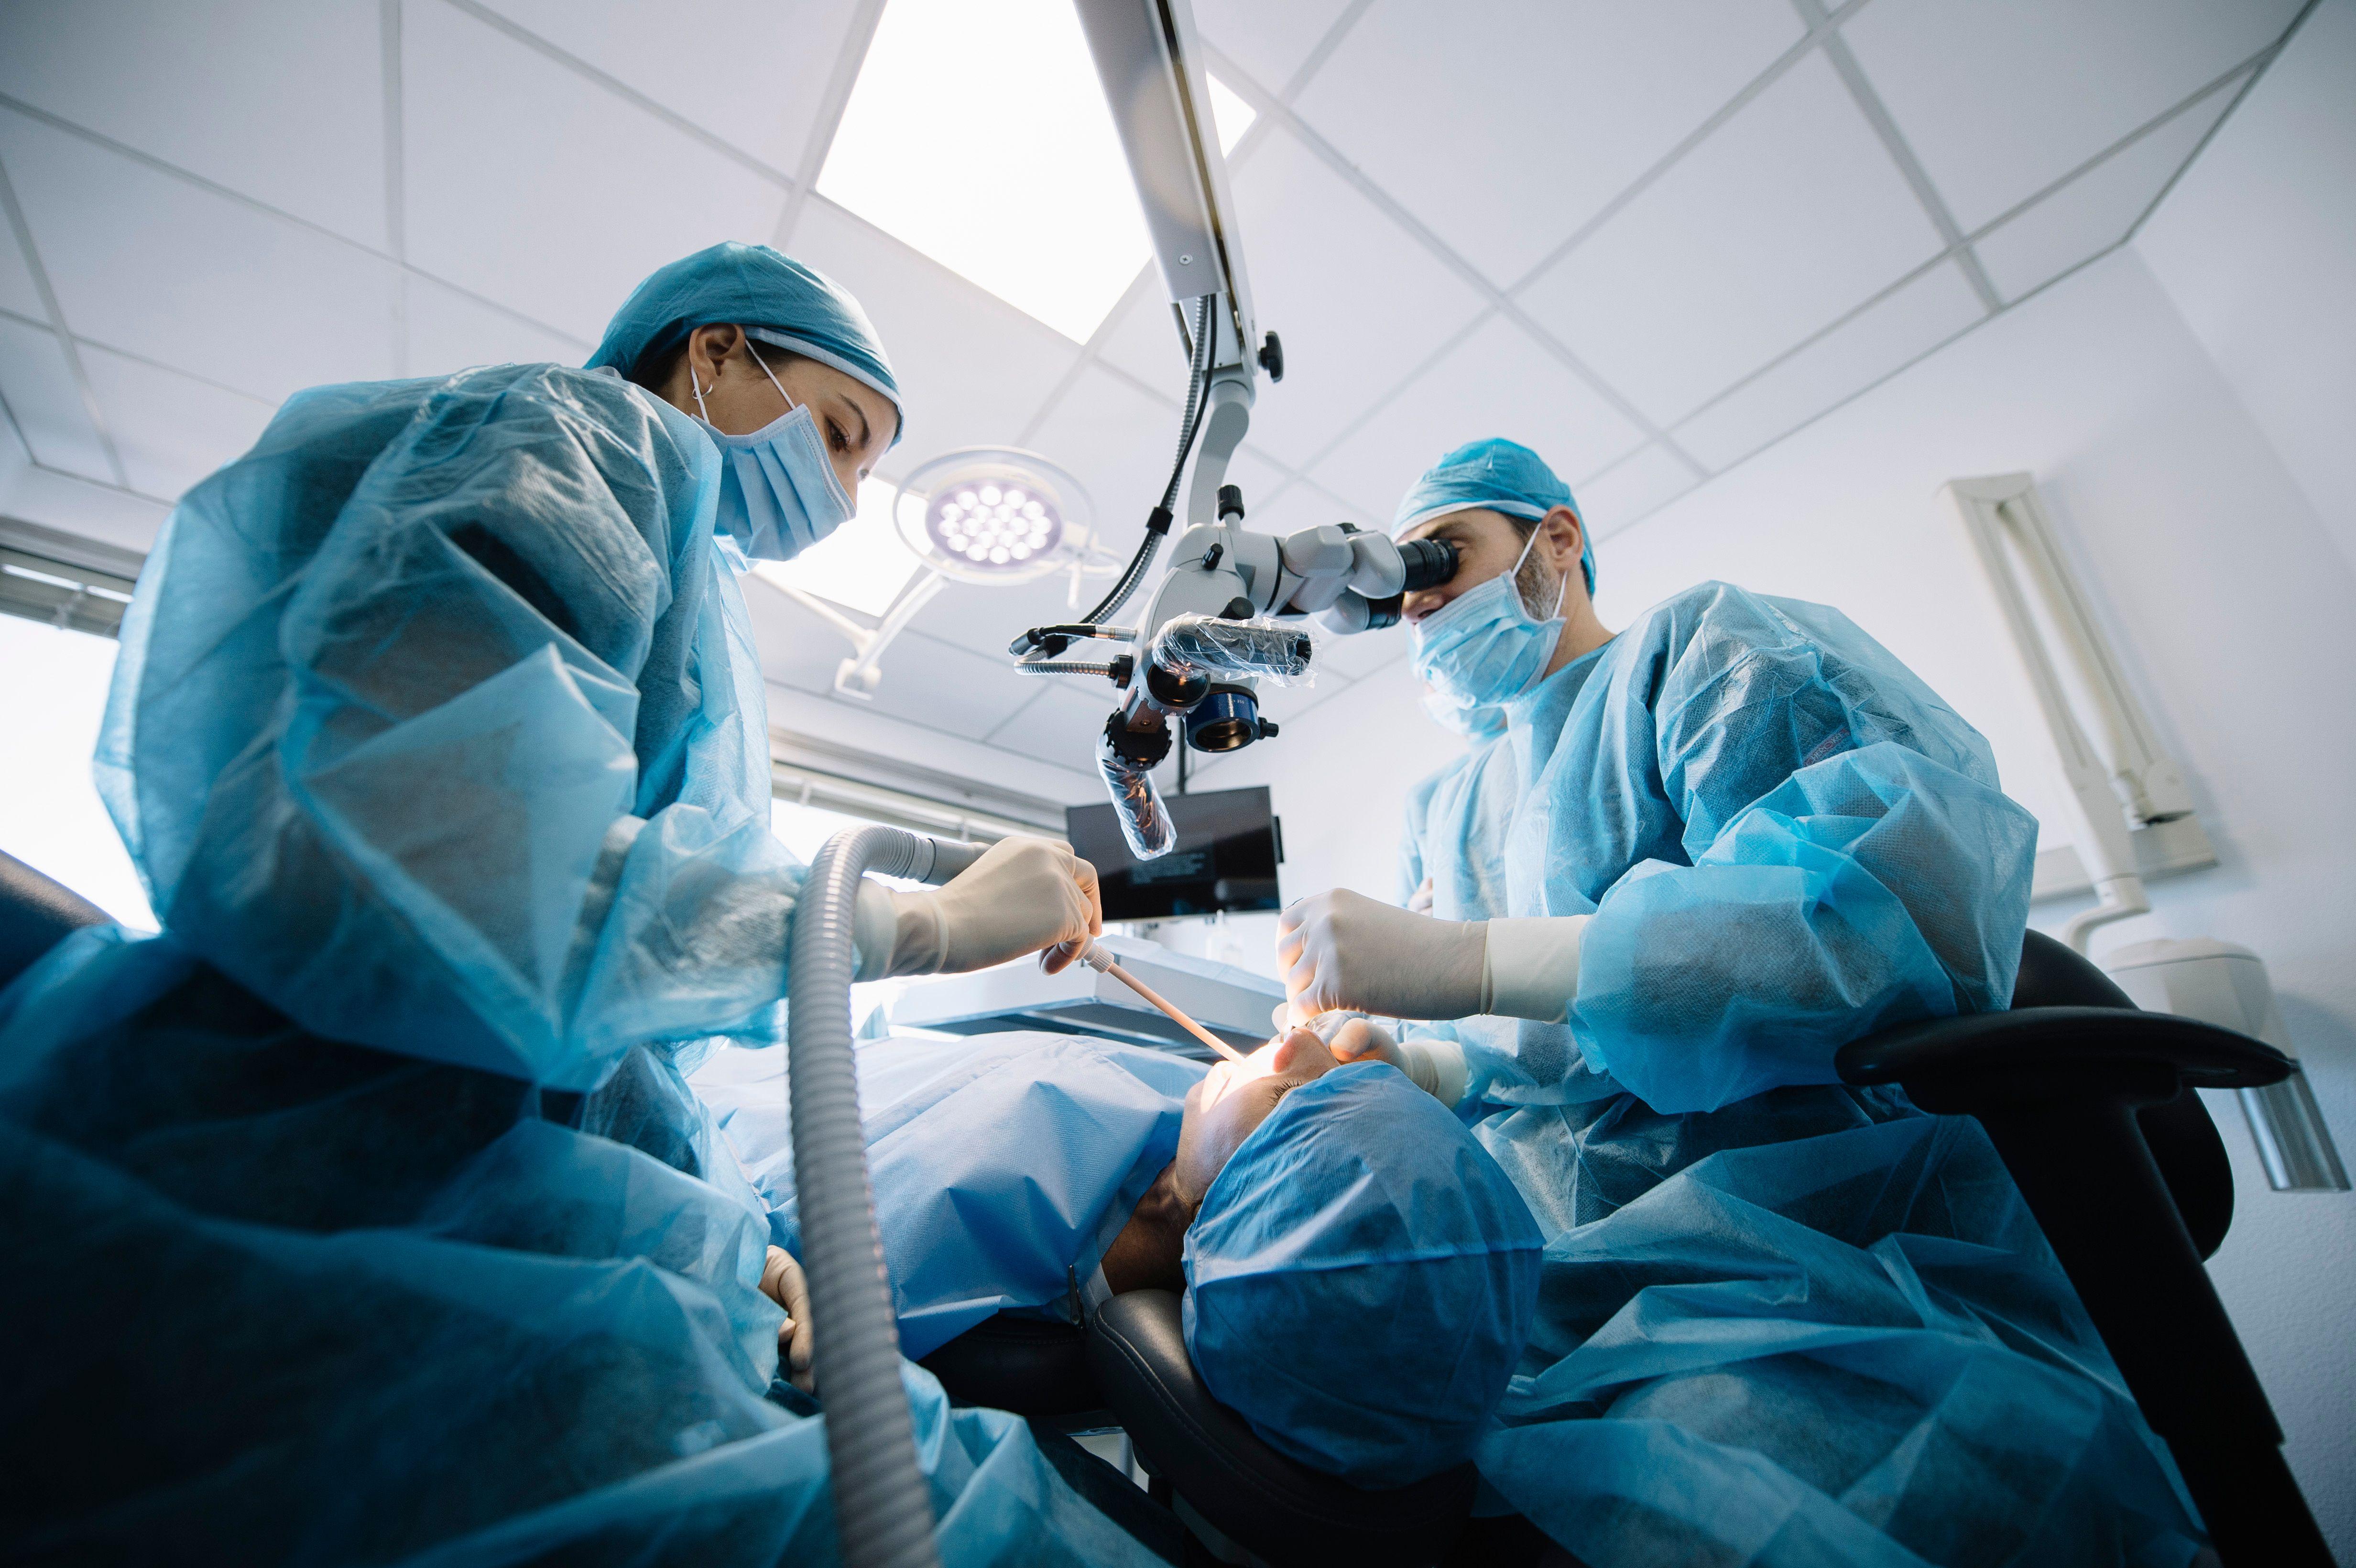 Cirugía oral: Tratamientos de Trabajamos con las principales mutuas y aseguradoras de salud